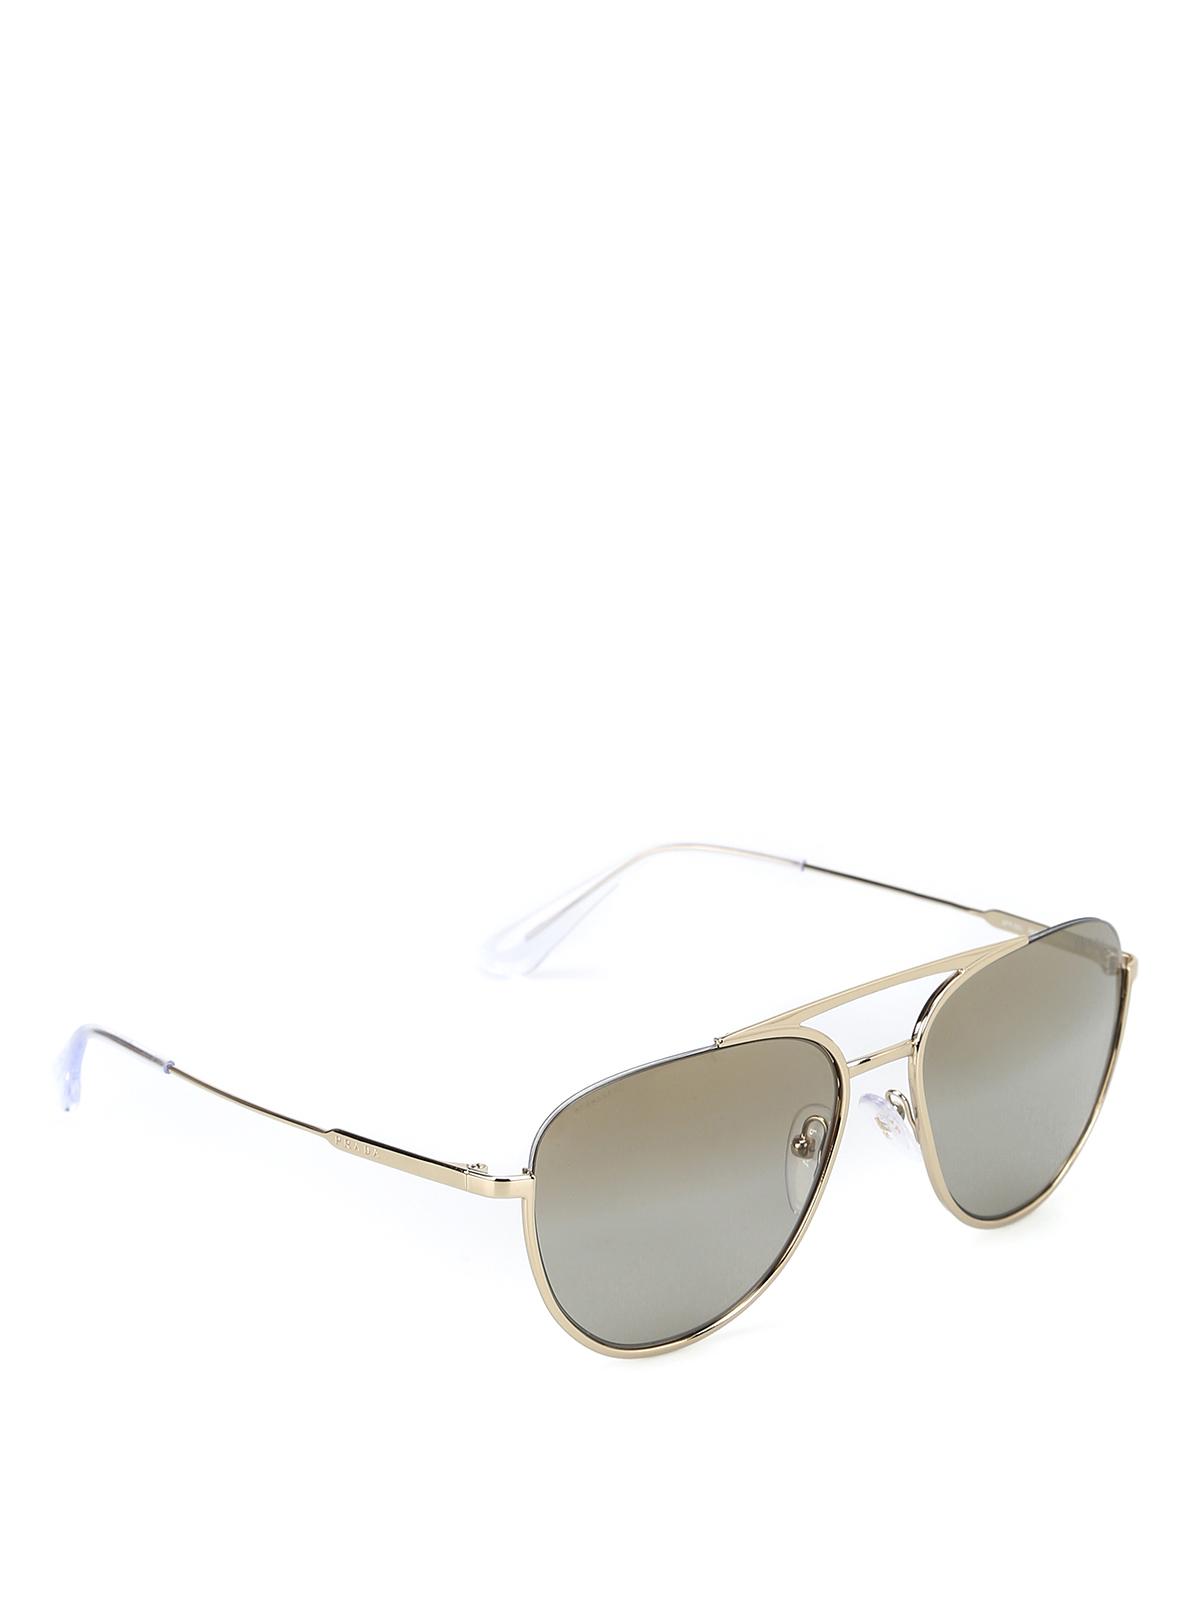 2229bb4896 Prada - Gafas De Sol - Dorado - Gafas de sol - SPR50U ZVN 6O0 ...